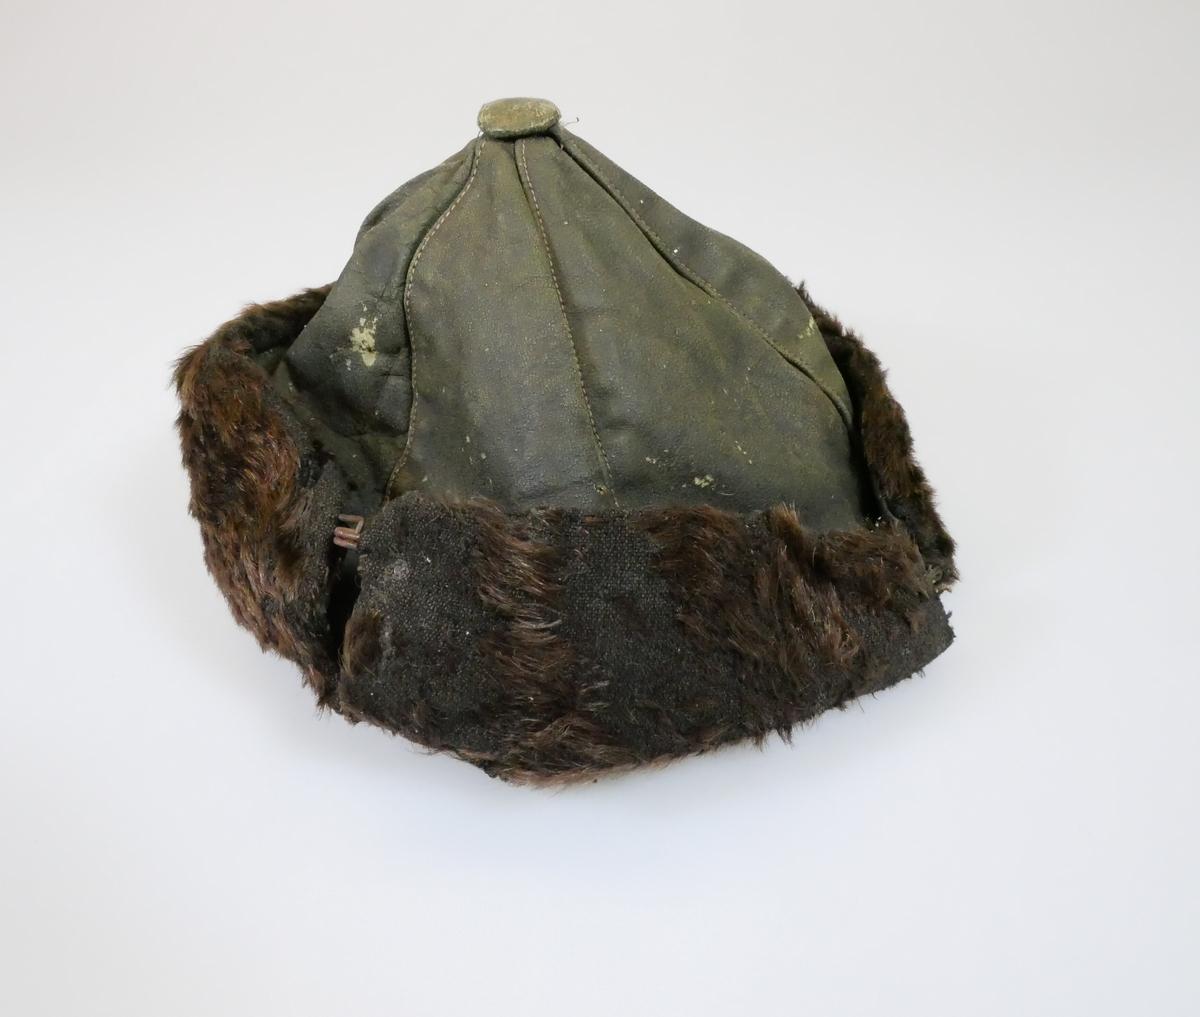 Rund lue sydd sammen av seks trekantete stoffdeler. På bunnen er det en pelskant som består av to deler som er brettet opp. De to delene er festet sammen med to metallhekter. Lua er foret med et gulnet bomullsstoff.